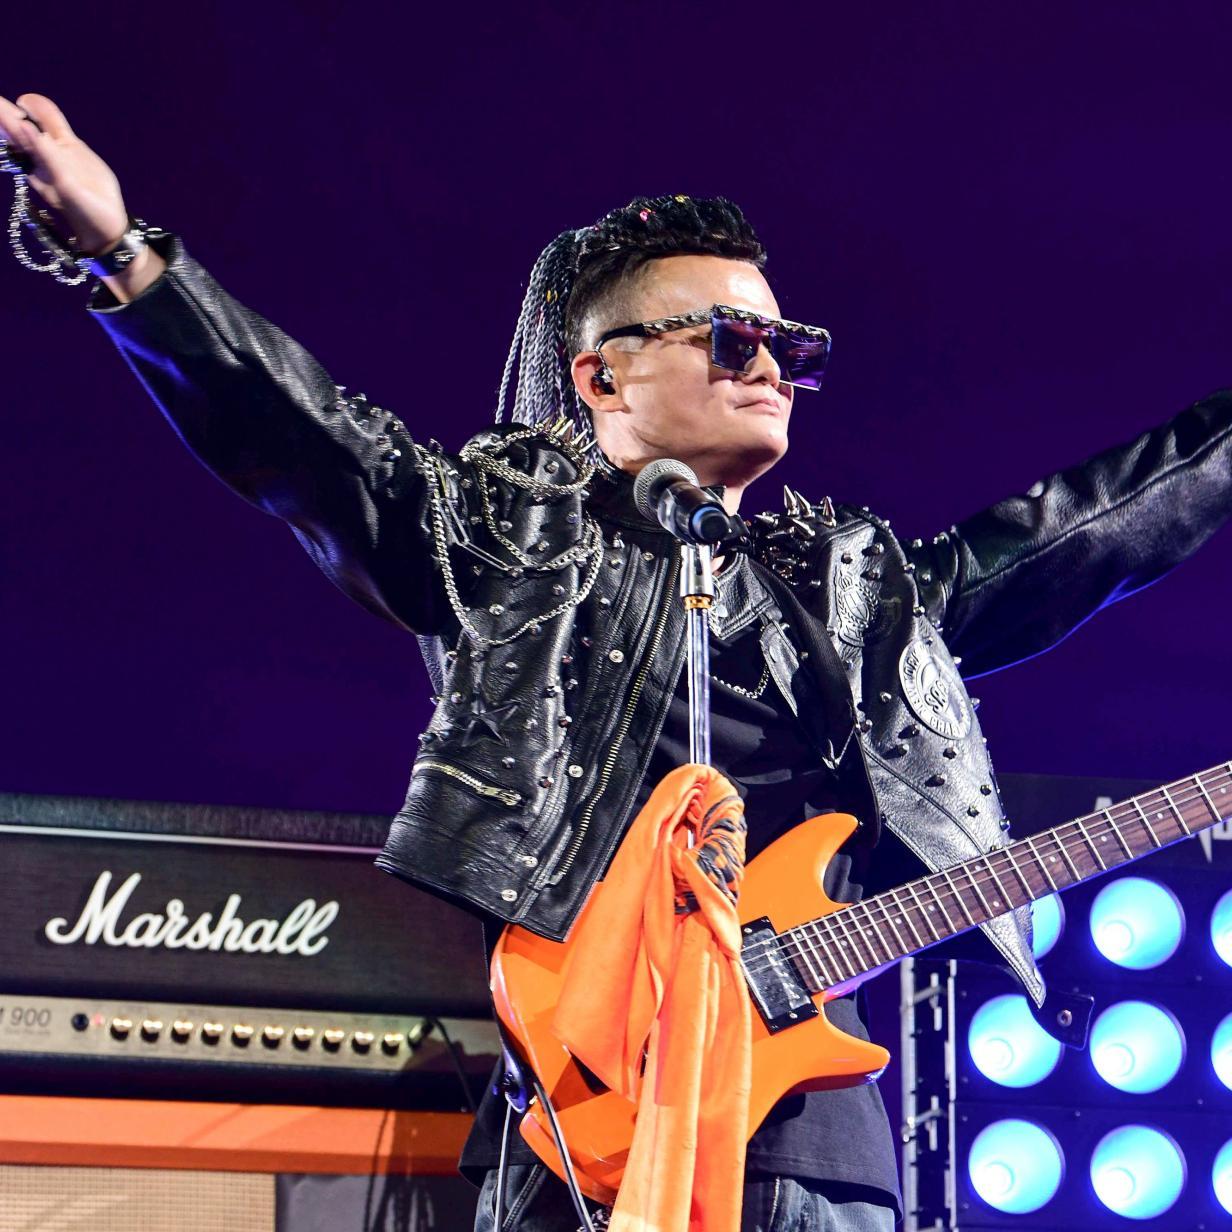 Jack Ma zieht sich mit Rockstar-Auftritt als Alibaba-Chef zurück